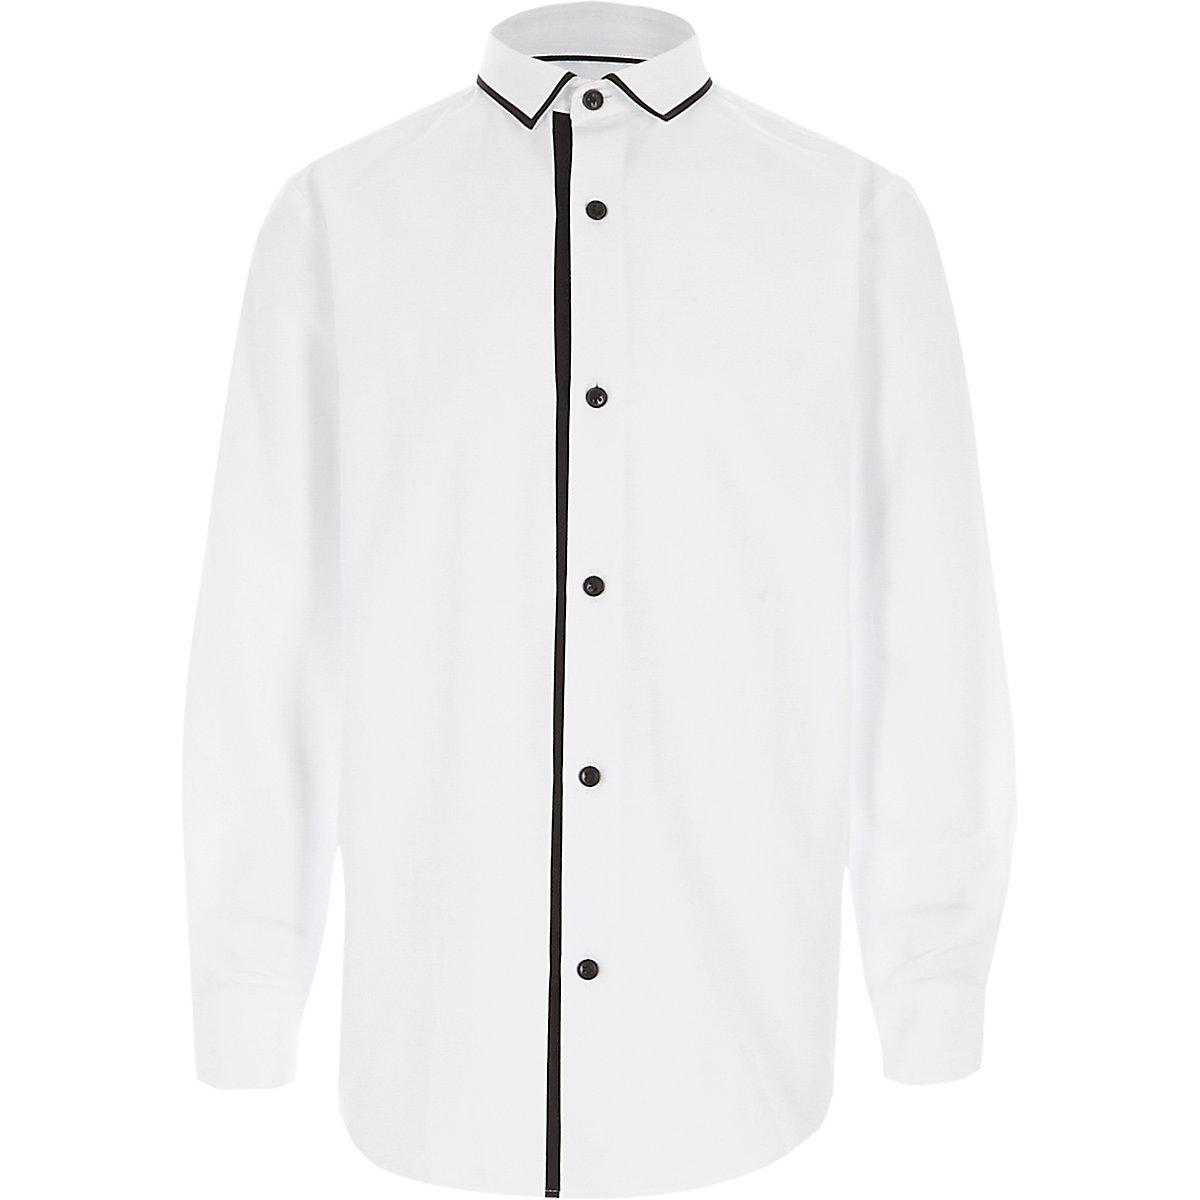 Chemise blanche à liseré sur le col et manches longues pour garçon